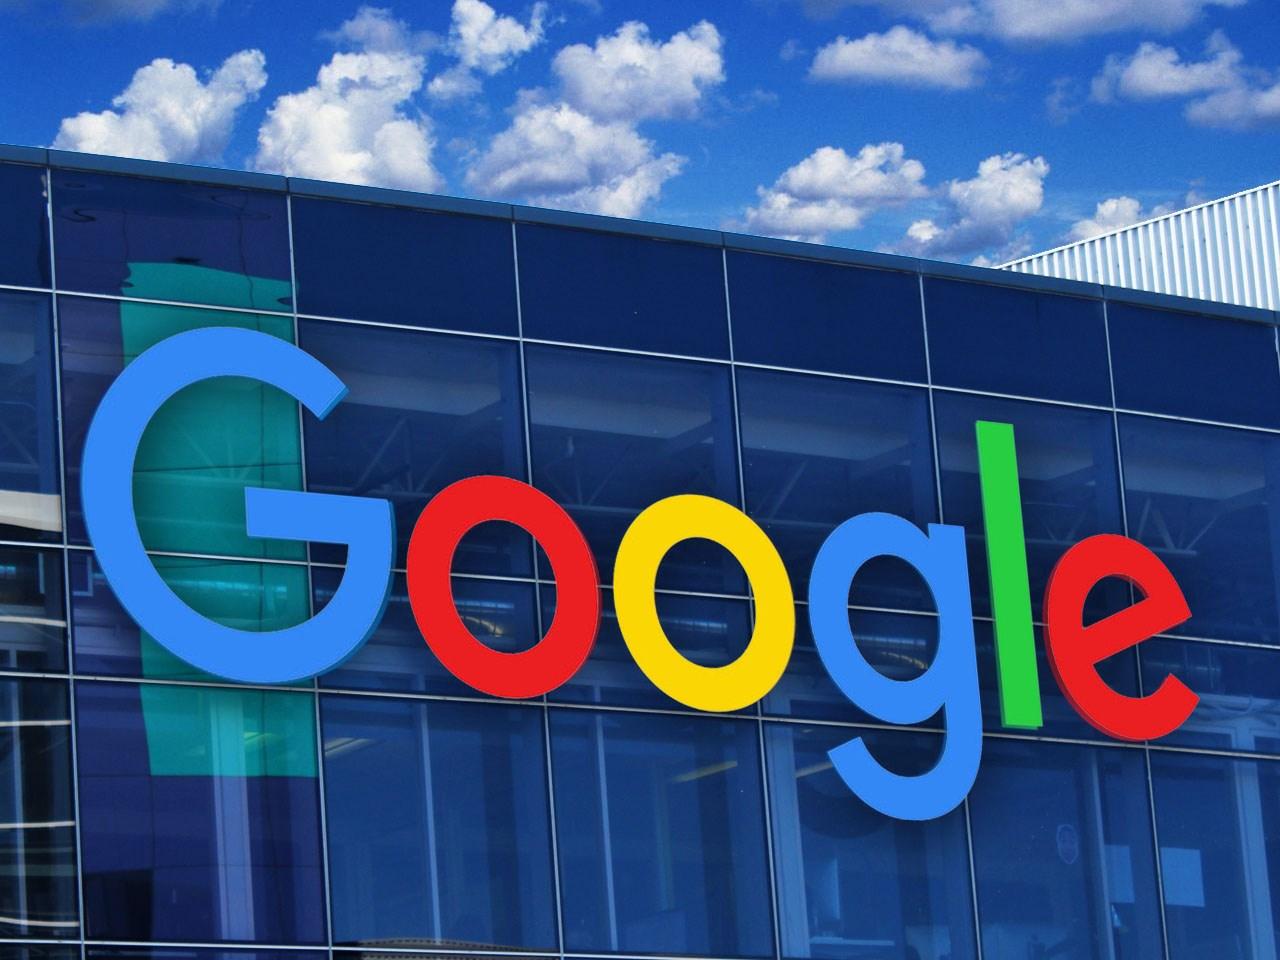 Google+ закрывается после утечки данных 500000 аккаунтов